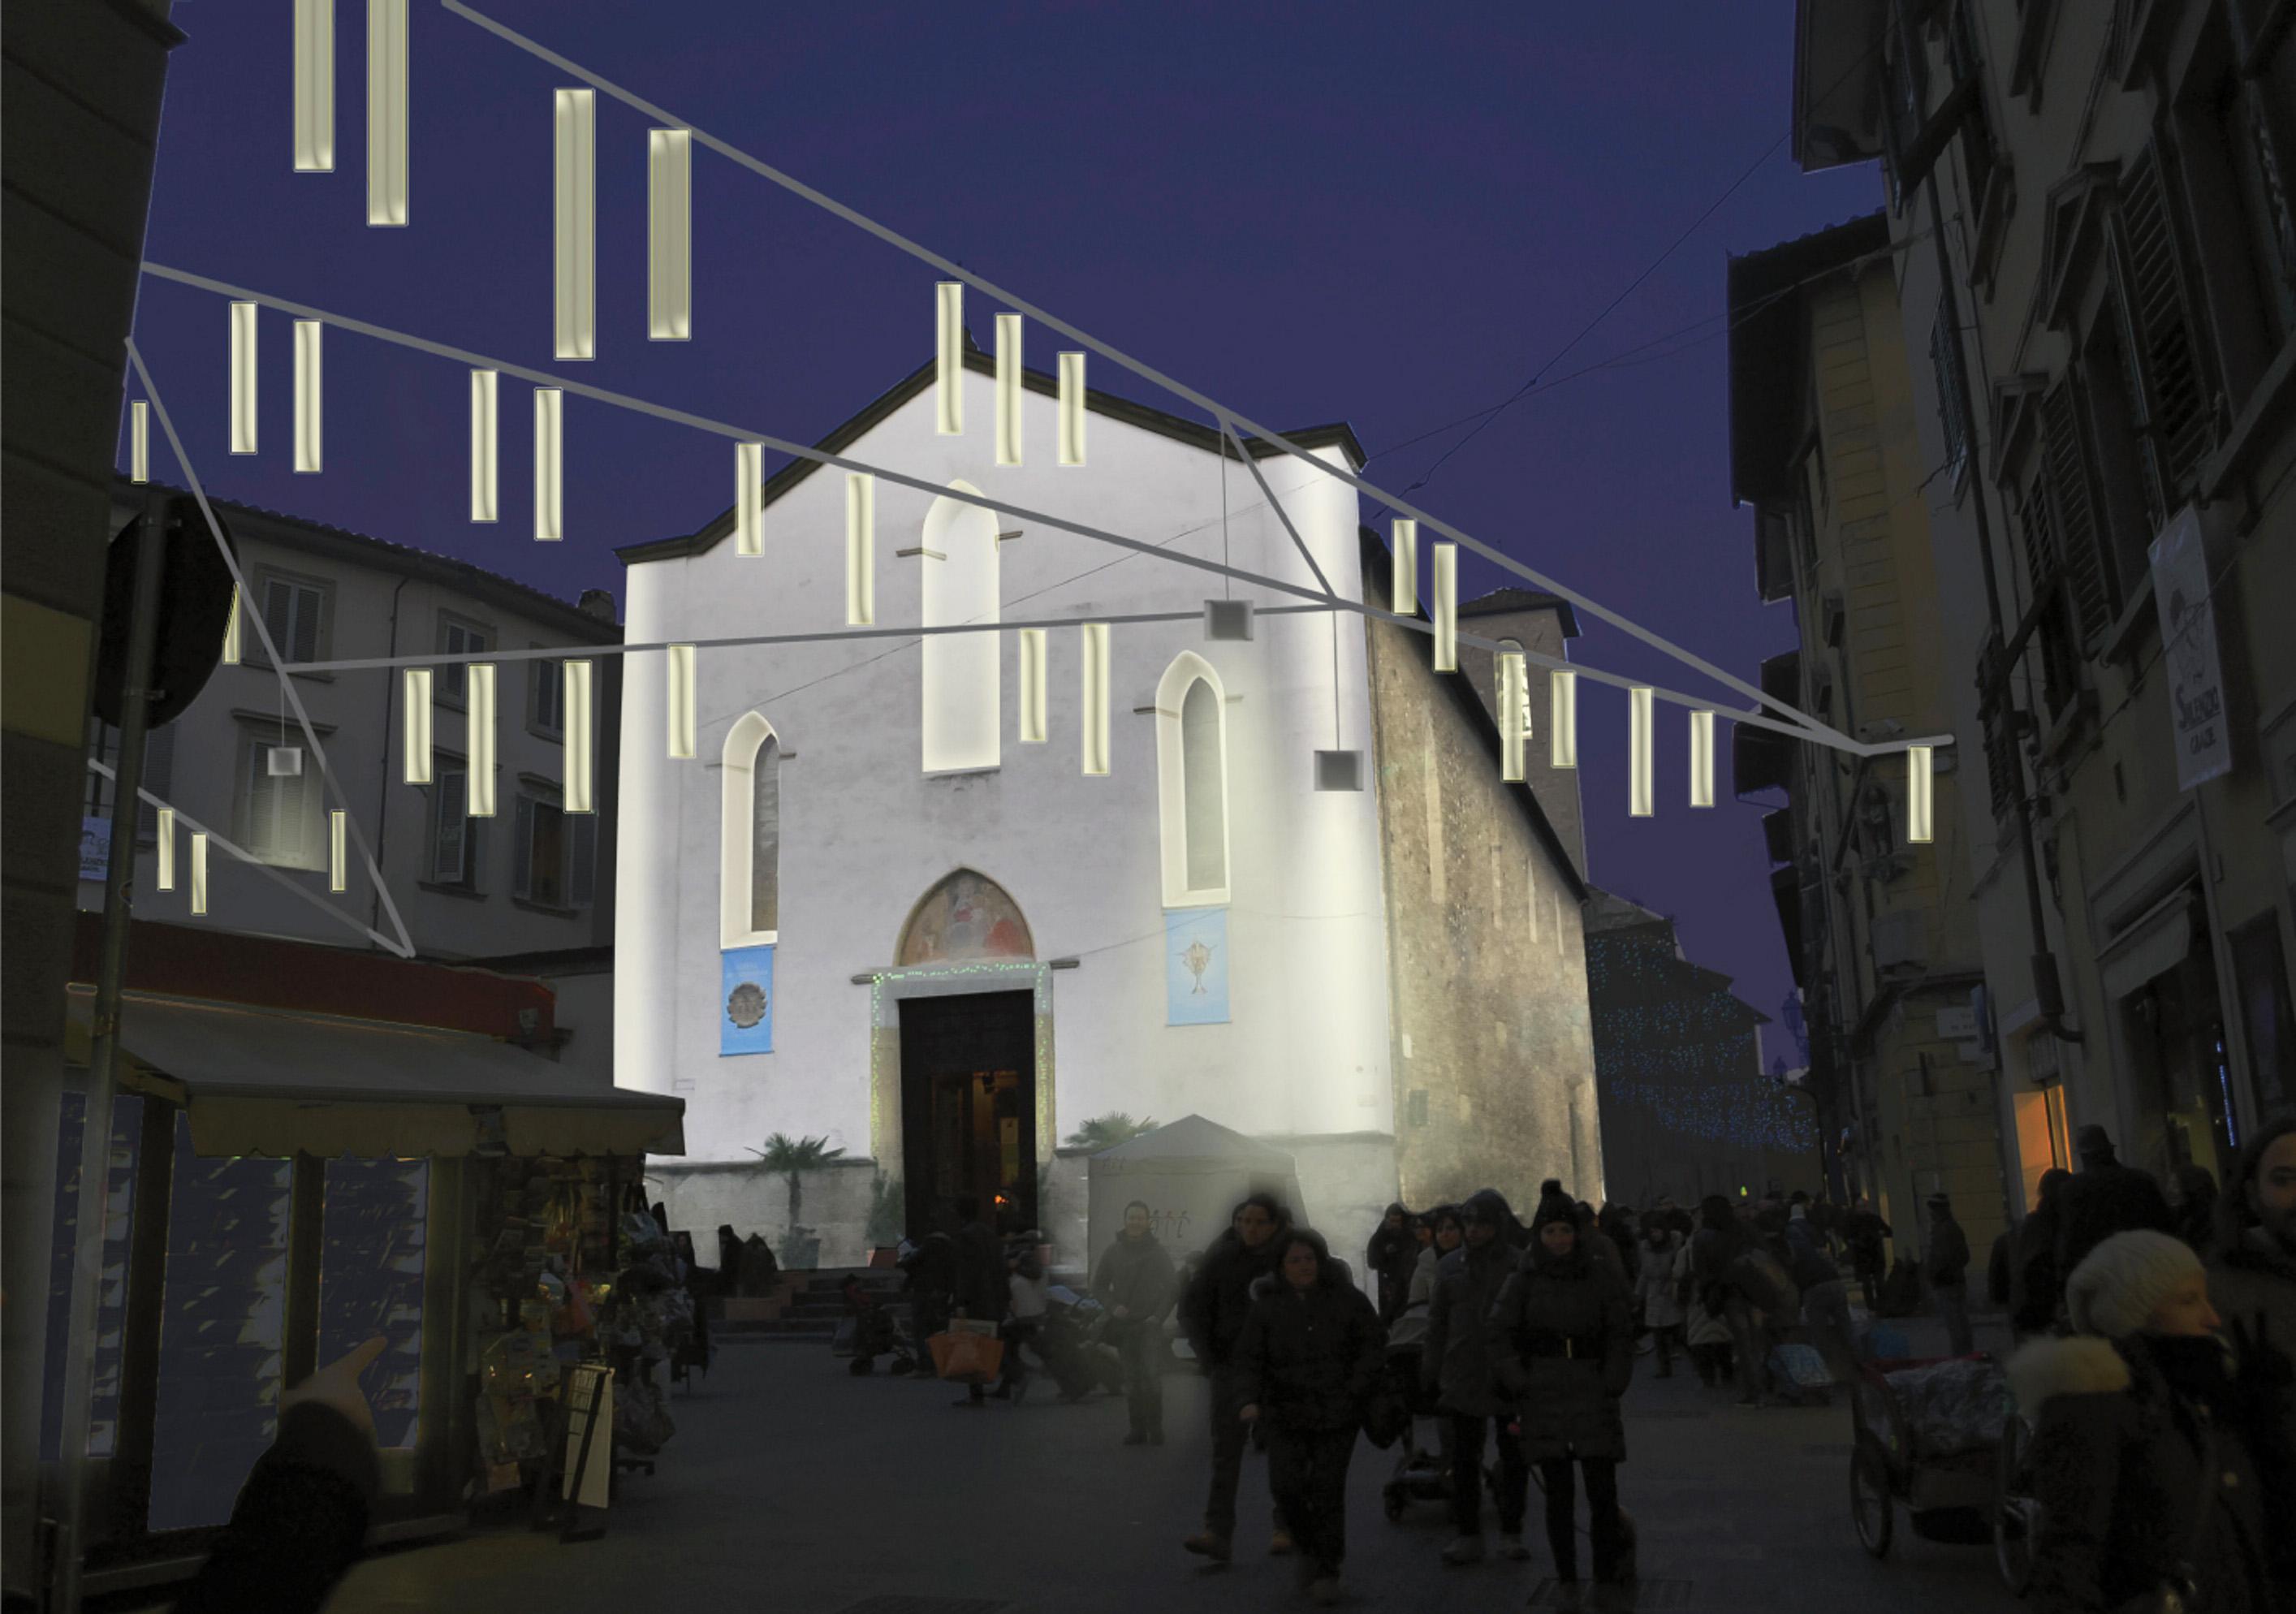 La formazione e la ricerca nell illuminazione urbana luce e design